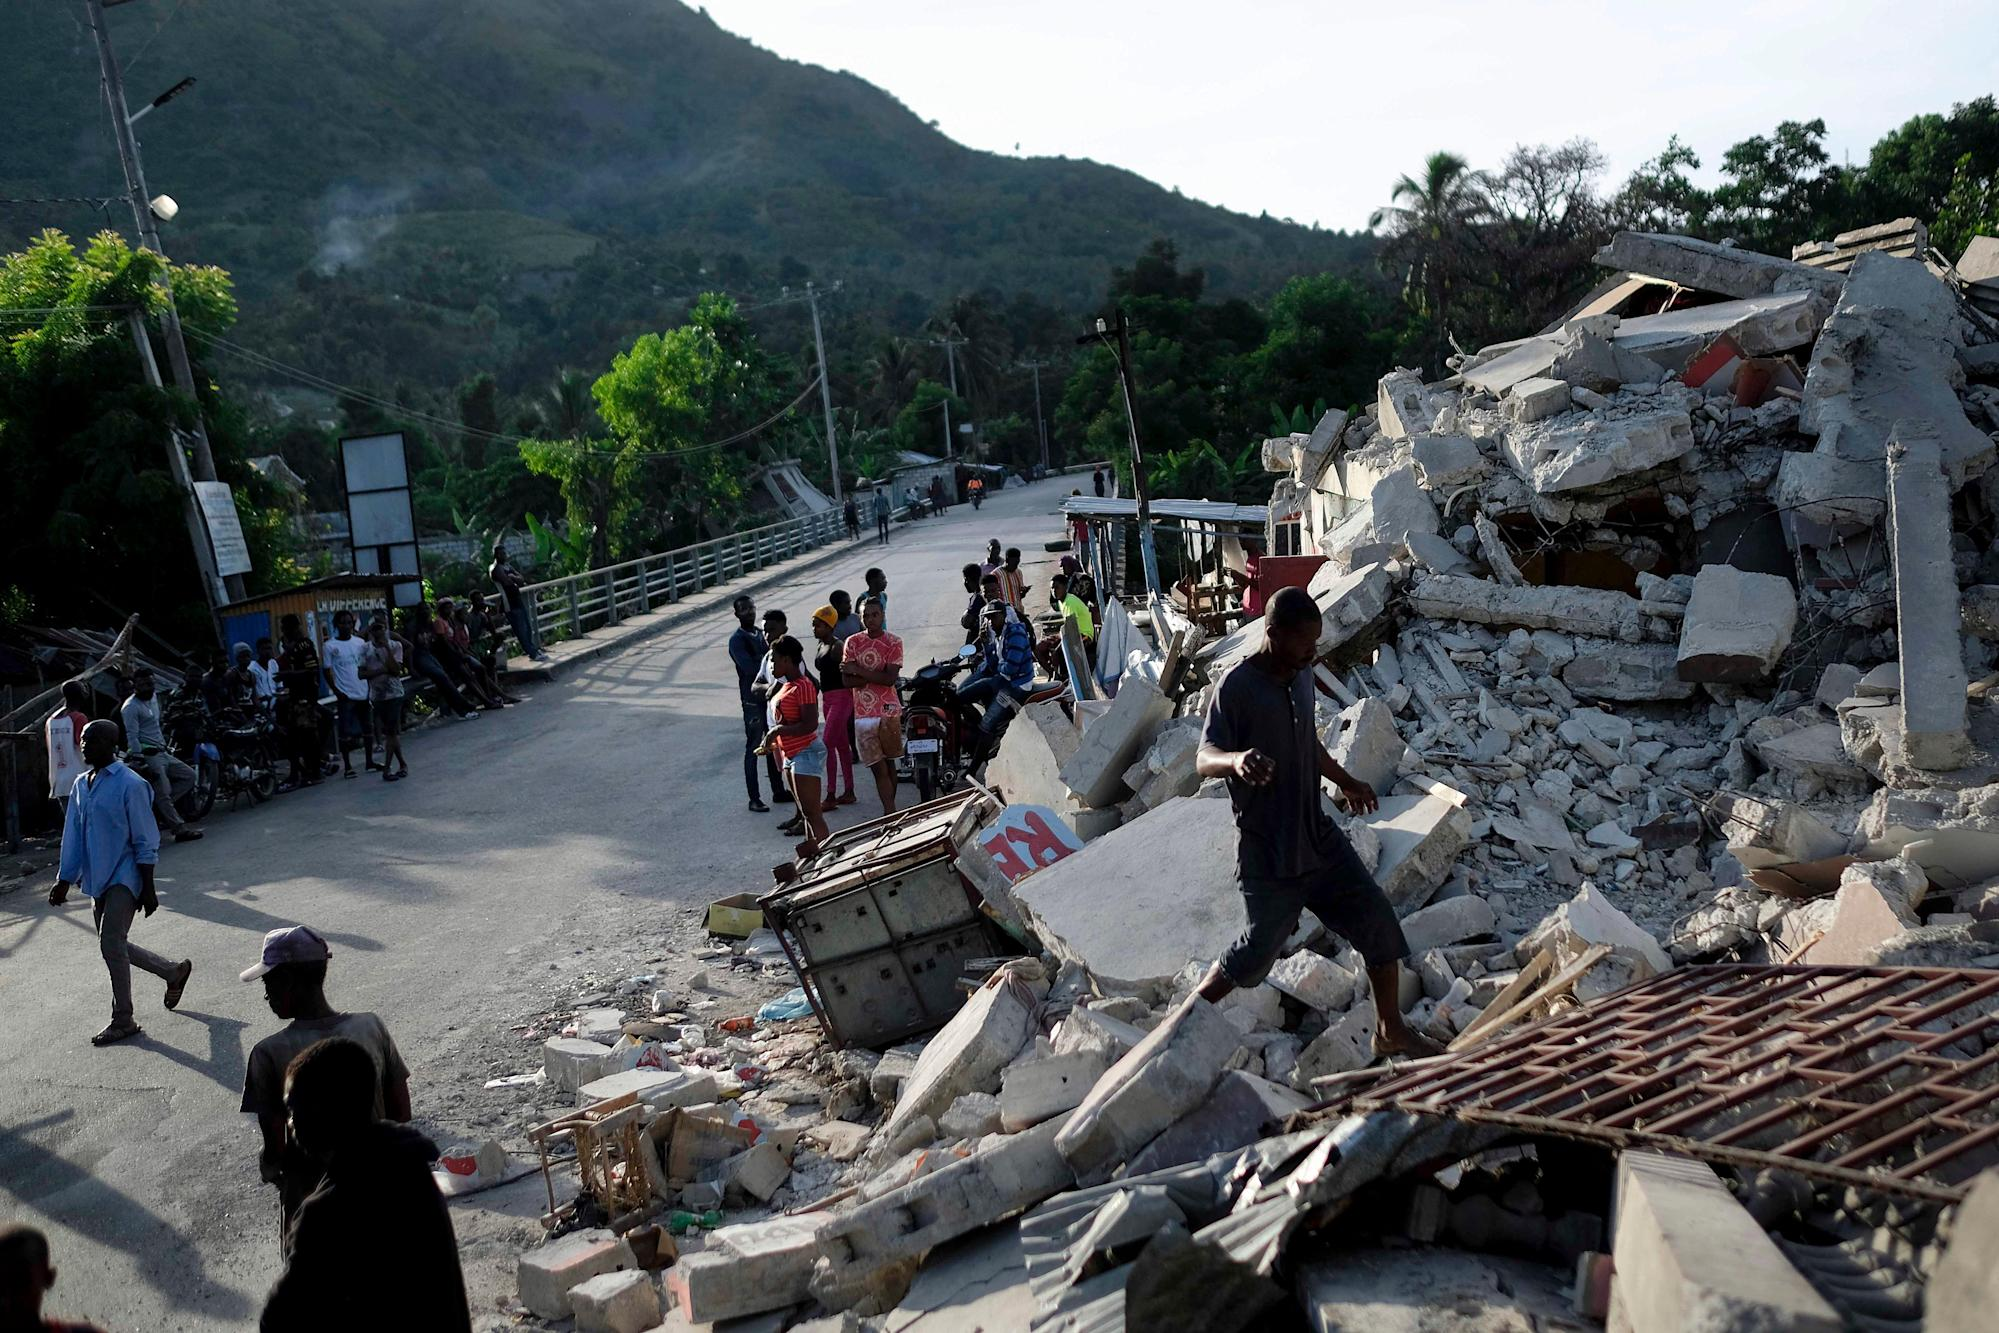 Death Toll in Massive Haiti Quake Rises to 1,297